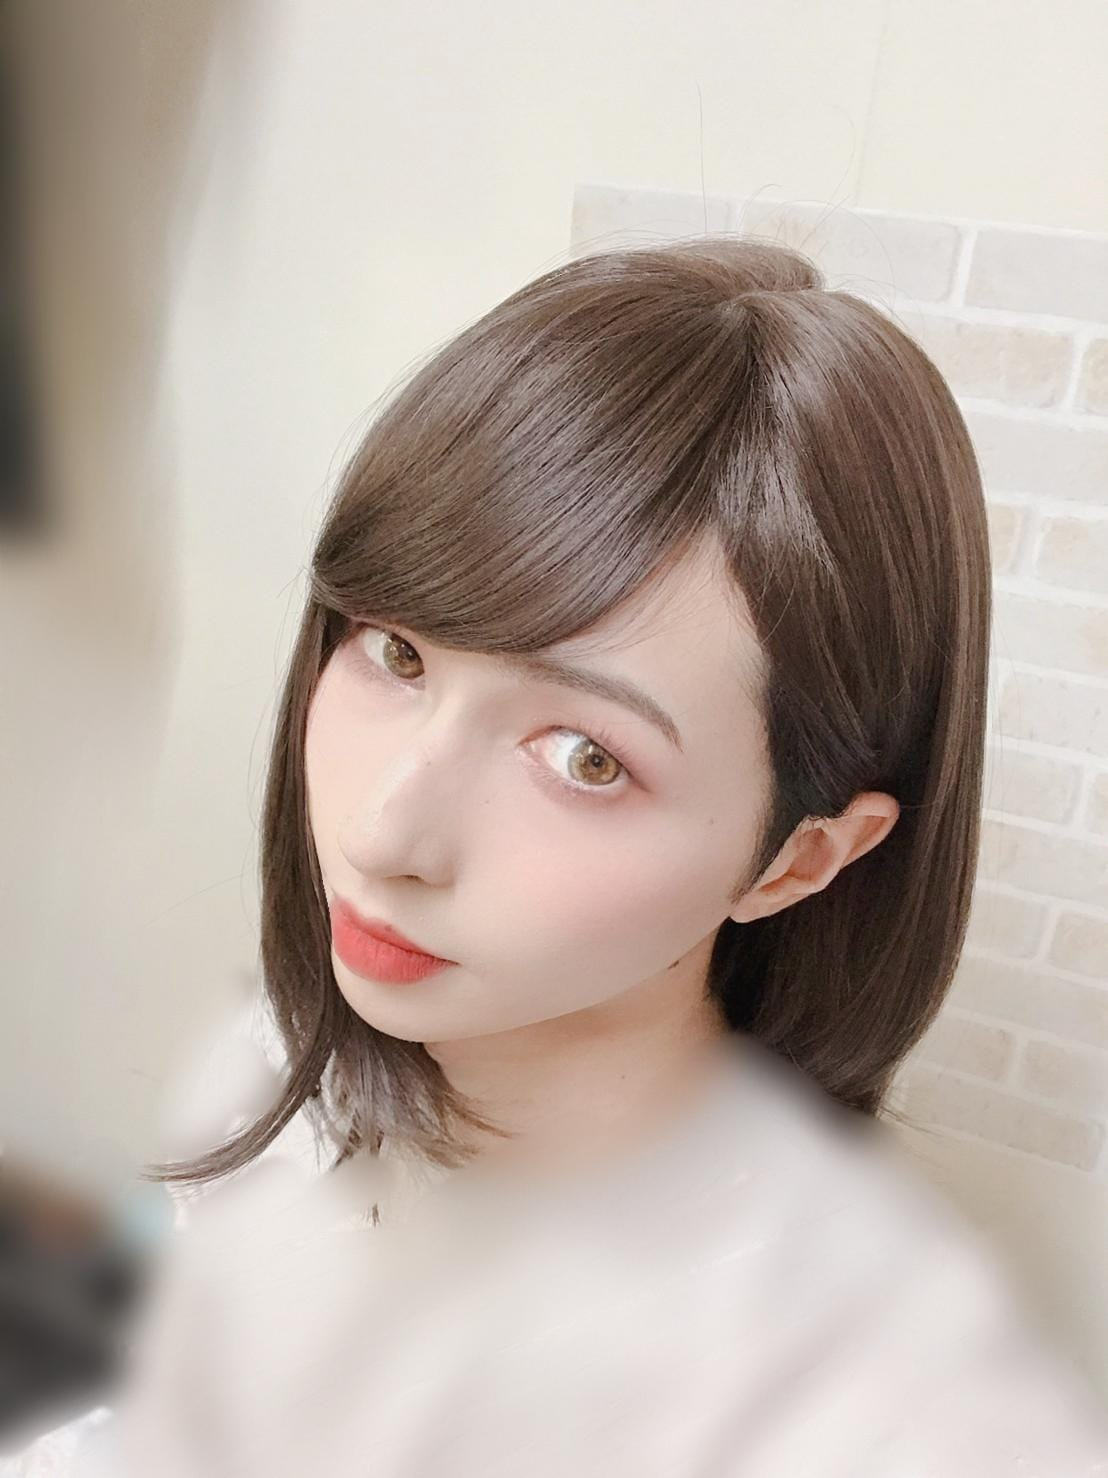 「しゅっきん」04/19(月) 11:42   さやかの写メ・風俗動画